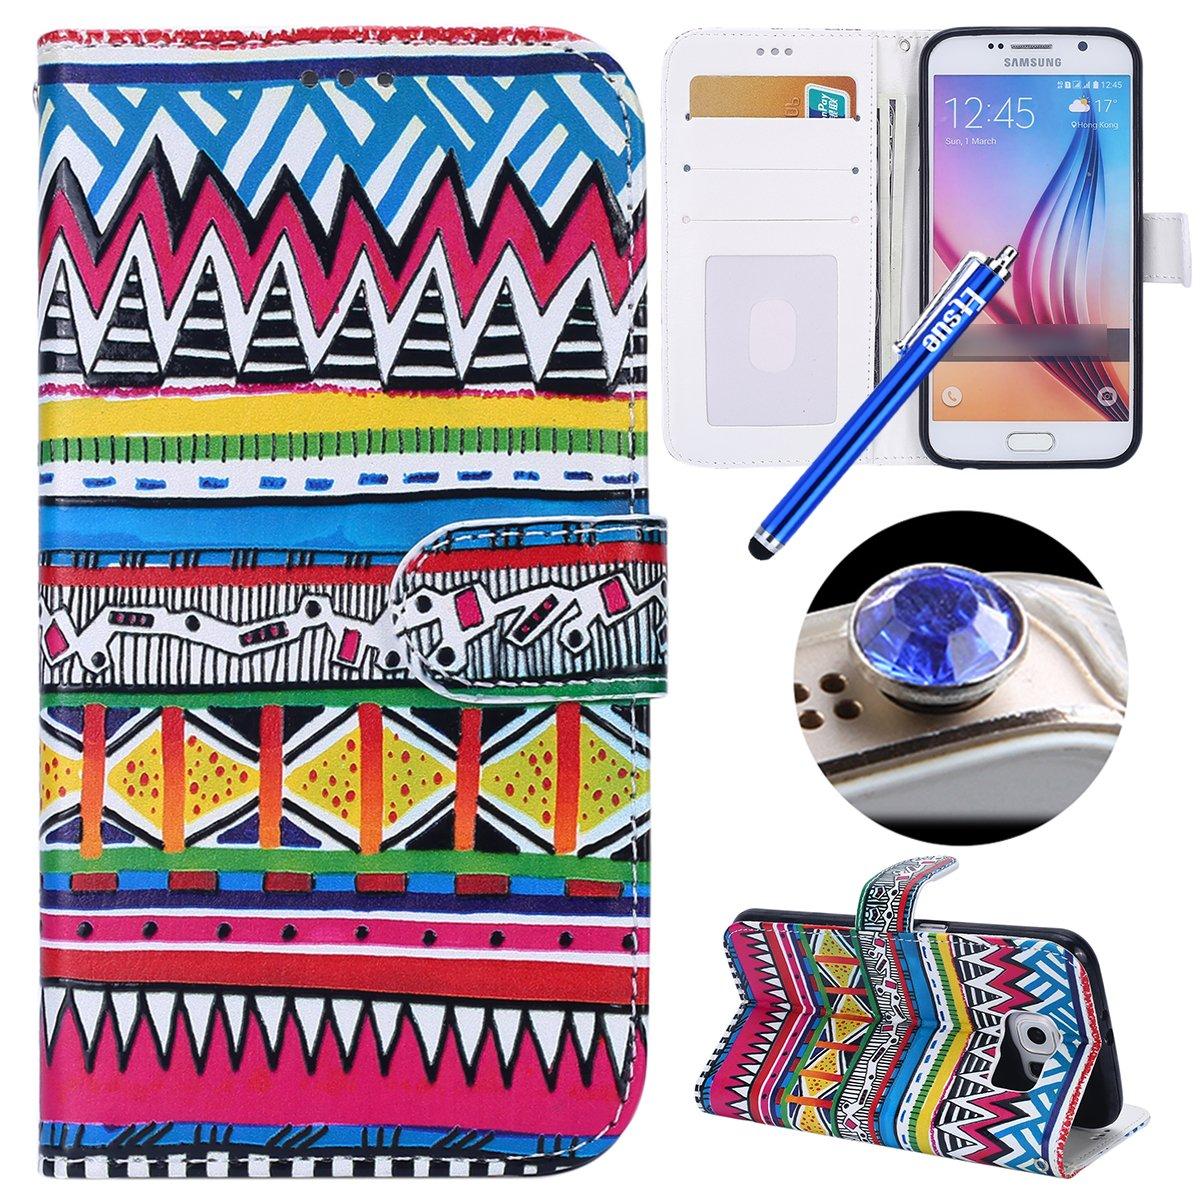 Etsue Handyhülle Lederhülle für Samsung Galaxy S6 Tasche Leder Flip Case Brieftasche Ledertasche Handyhülle Leder Flip Hülle Schutzhülle Handytasche Hülle, Samsung Galaxy S6 Bunte Vintage Elegant Blumen Muster Malerei PU